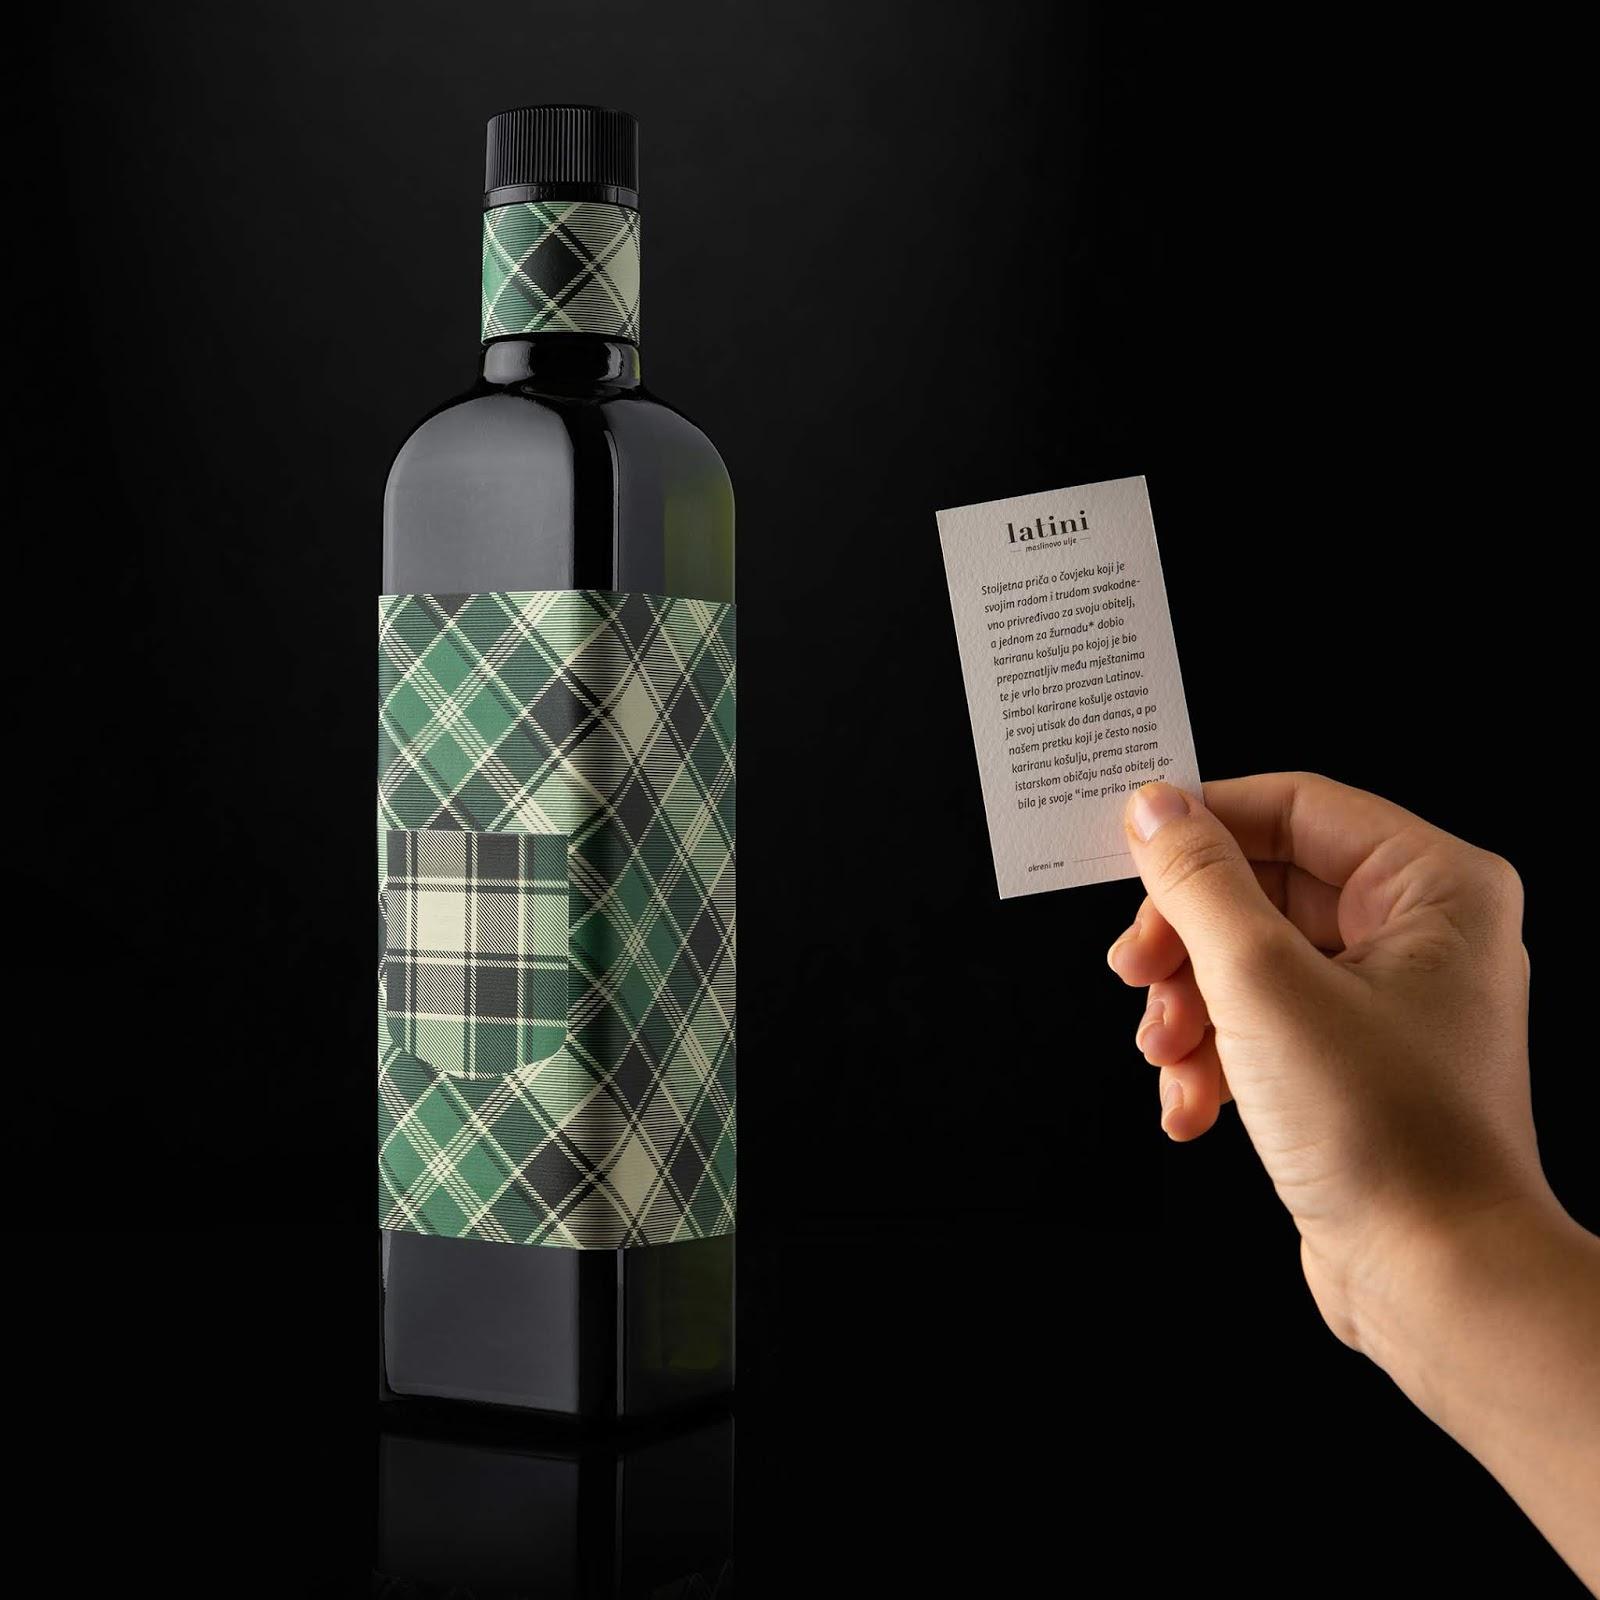 Latini (huile d'olive de Croatie) I Design : Studio Tumpić/Prenc, Rovinj, Croatie (mai 2019)